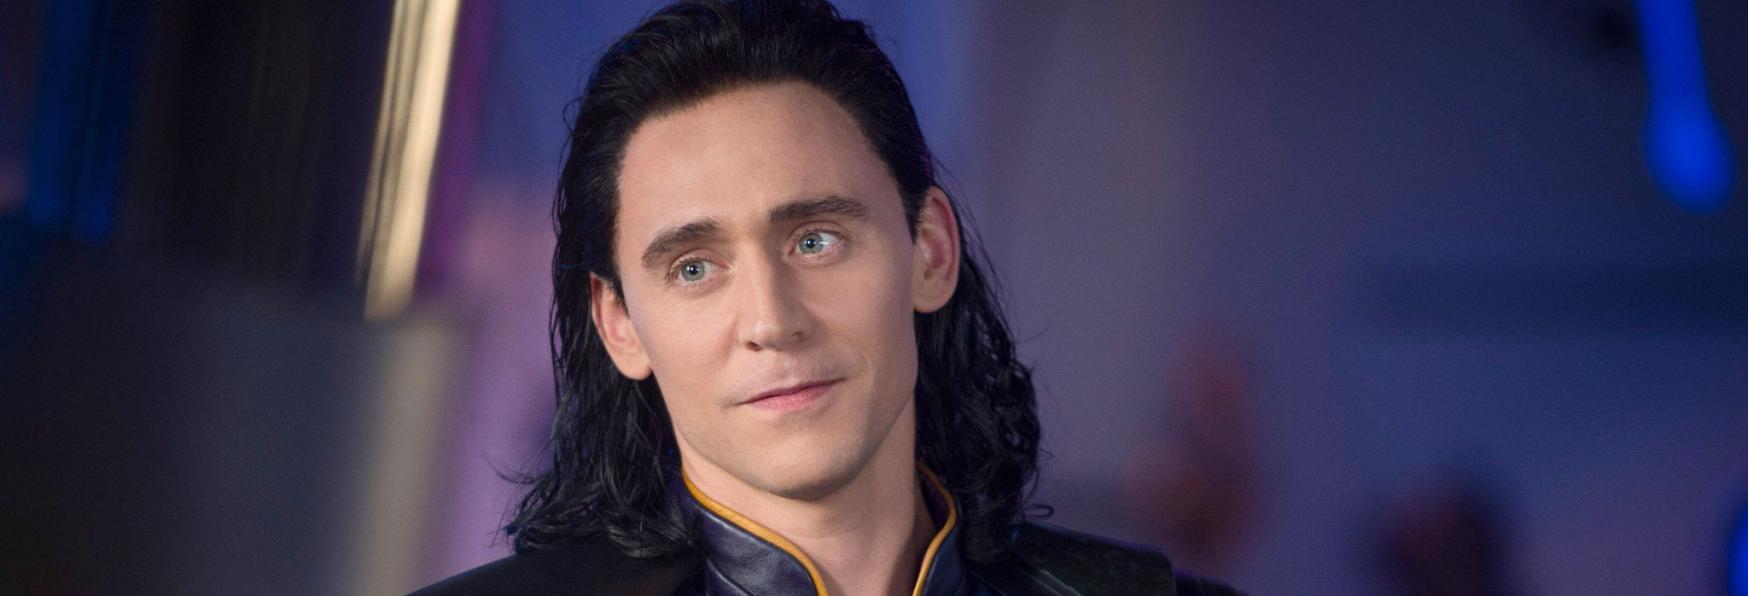 Loki: i Marvel Studios Anticipano il Rilascio della Serie TV di Disney+